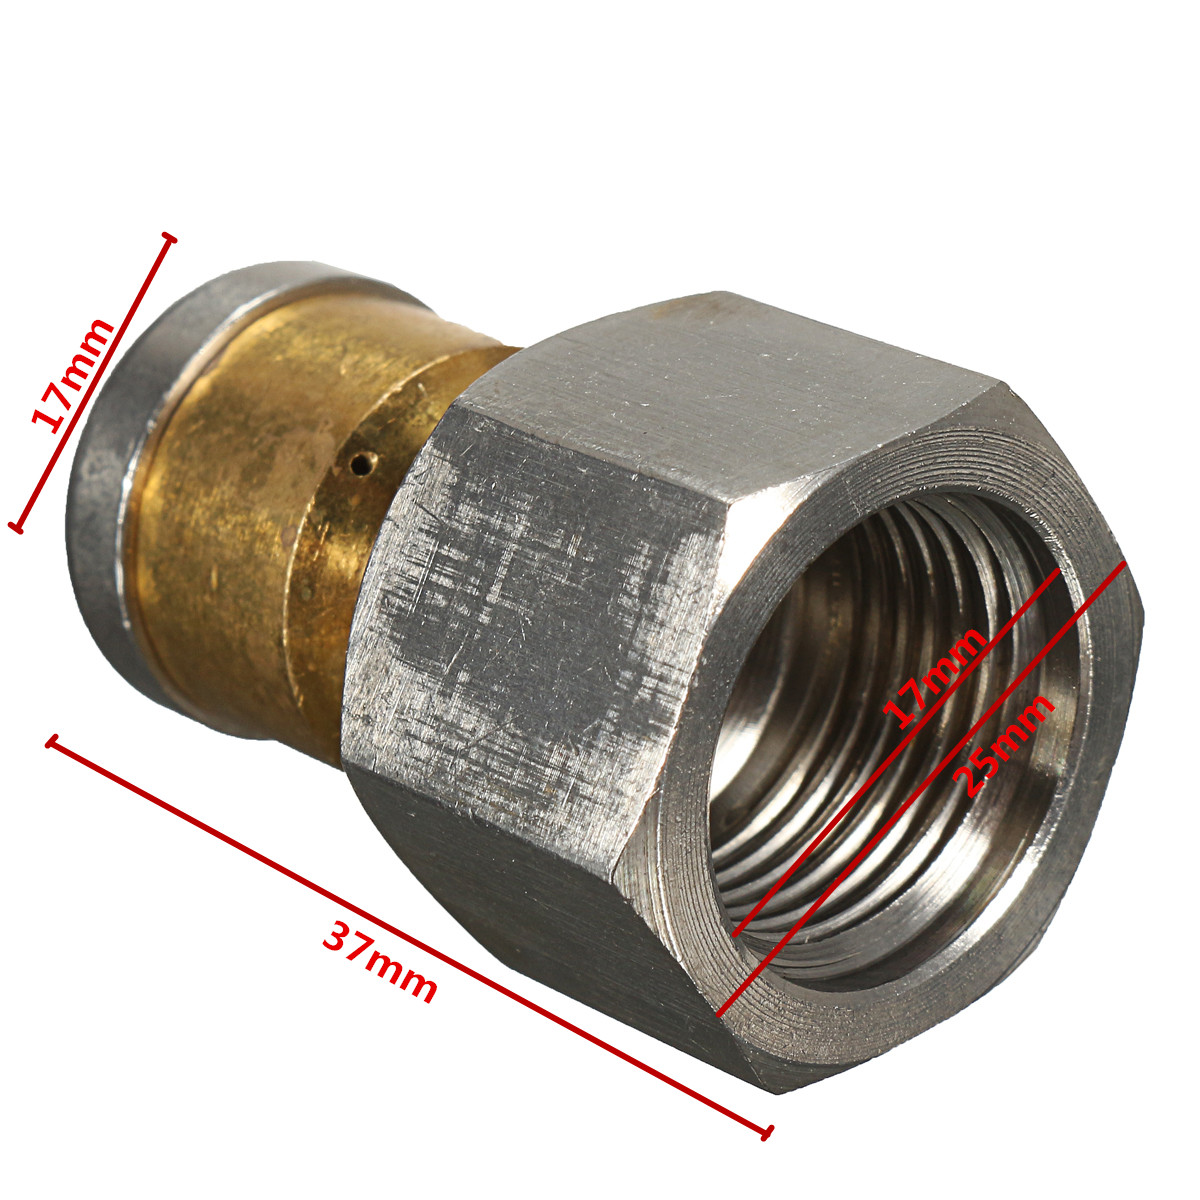 3/8 F высокое Давление шайба для чистки сопла шланг для очистки канализационных труб сопла 06 вращающийся спиннинг сопла